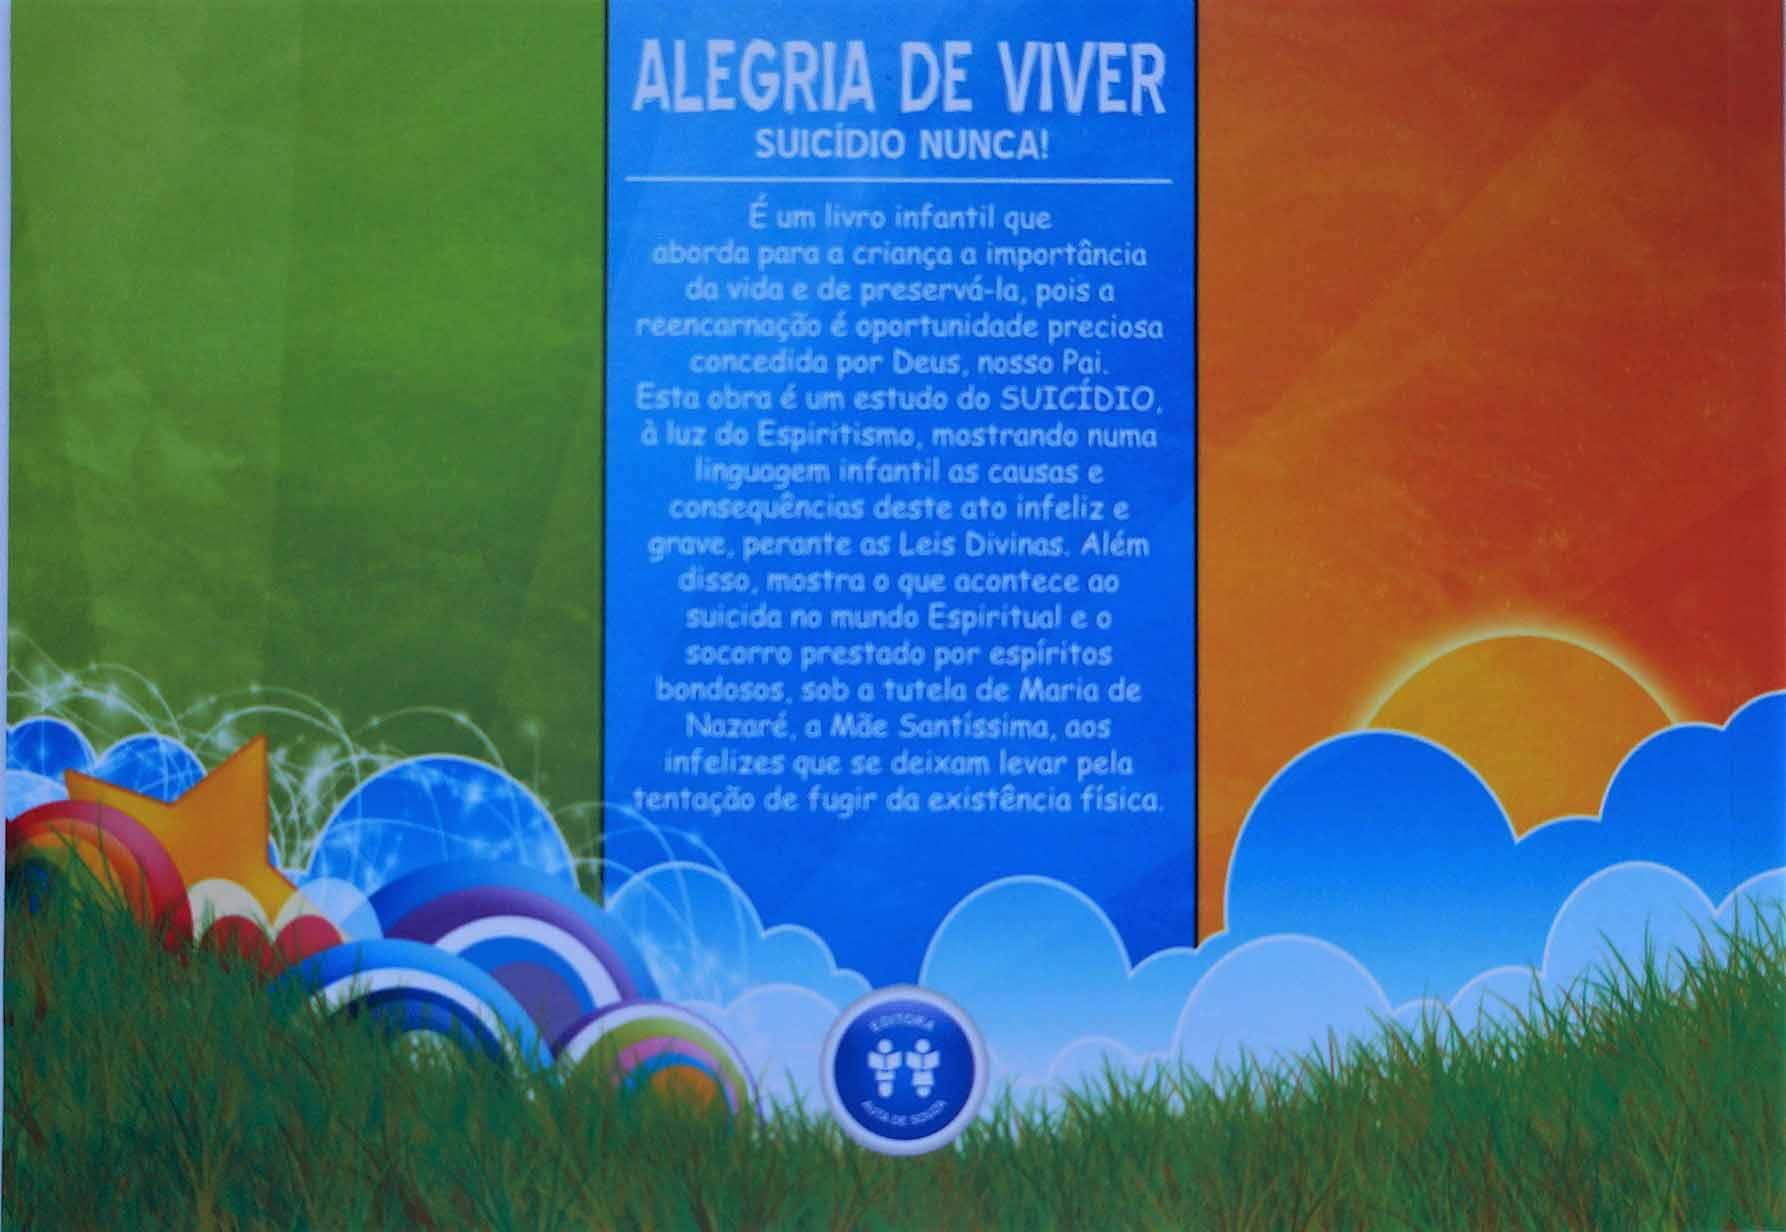 ALEGRIA DE VIVER - SUICÍDIO NUNCA!